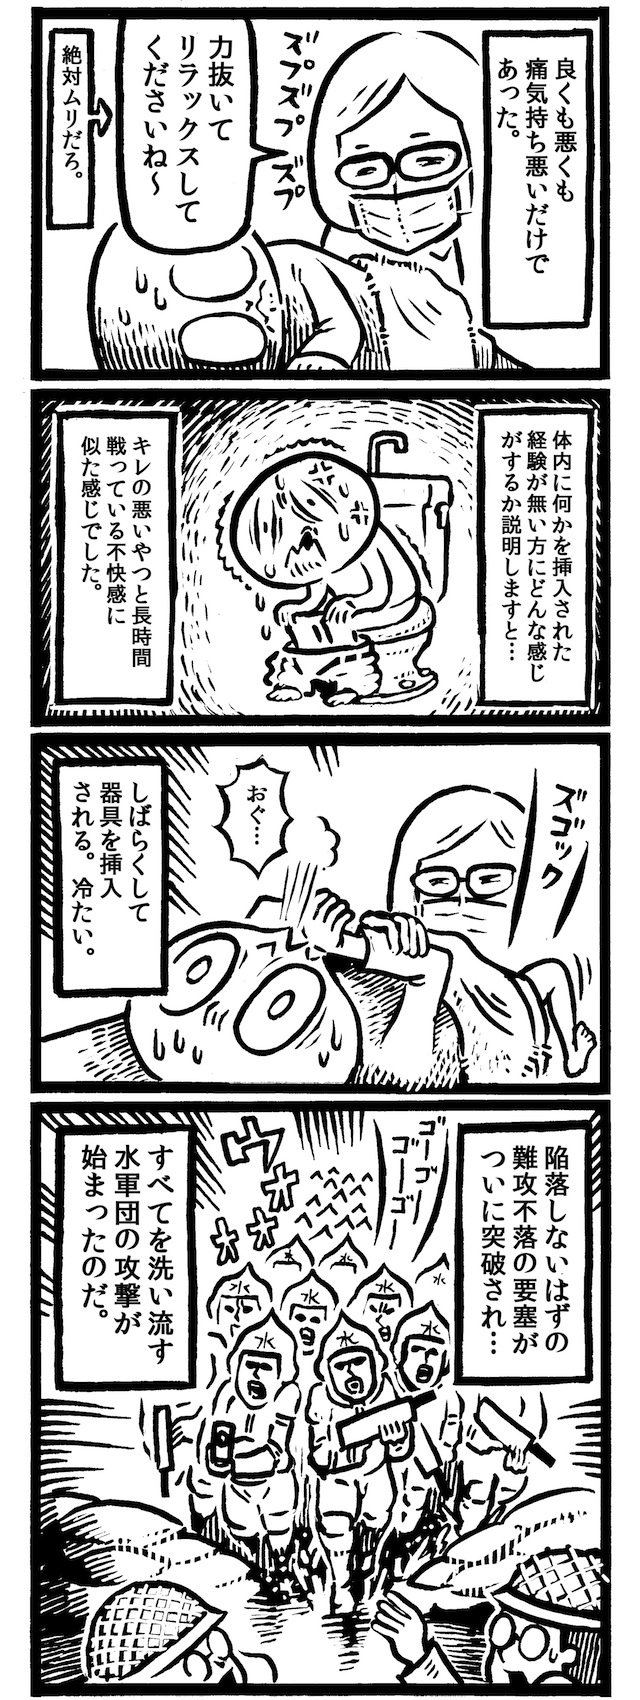 腸内洗浄-10